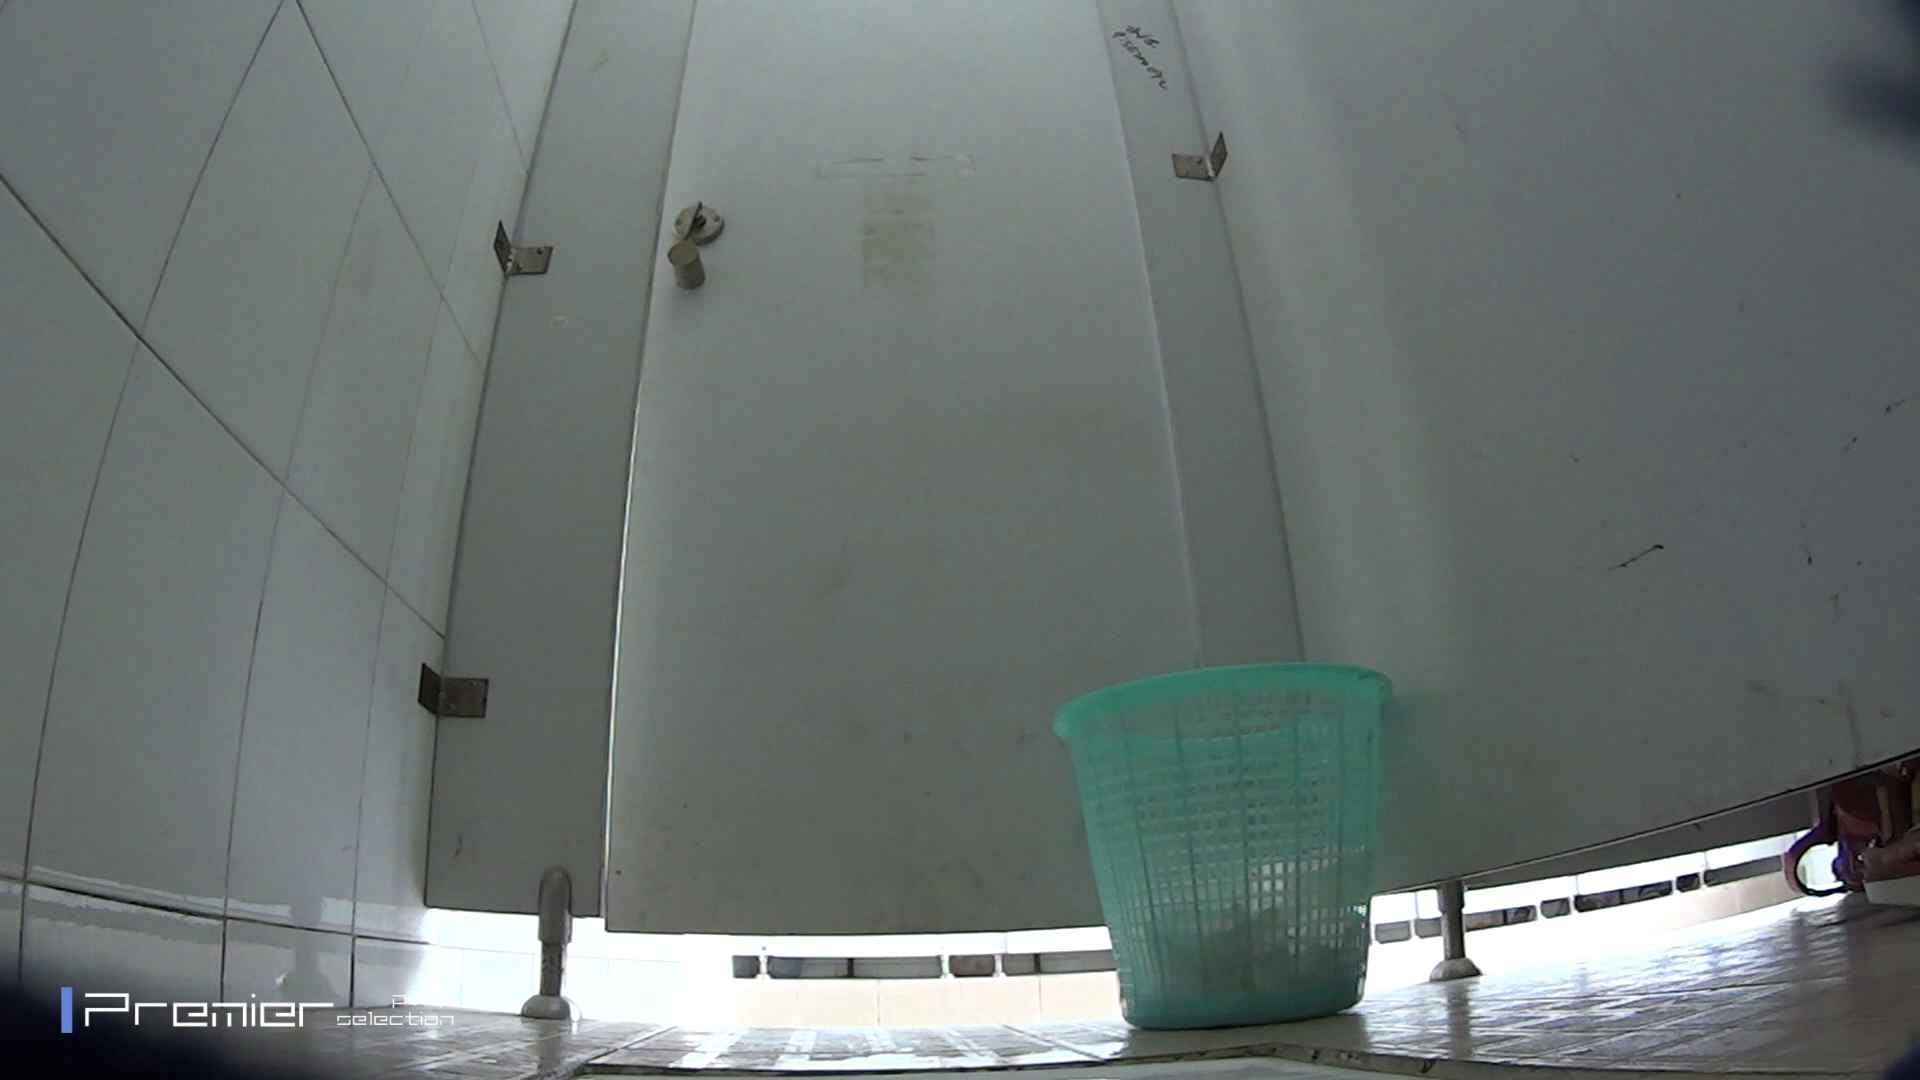 美しい女良たちのトイレ事情 有名大学休憩時間の洗面所事情06 盗撮映像大放出  80連発 45